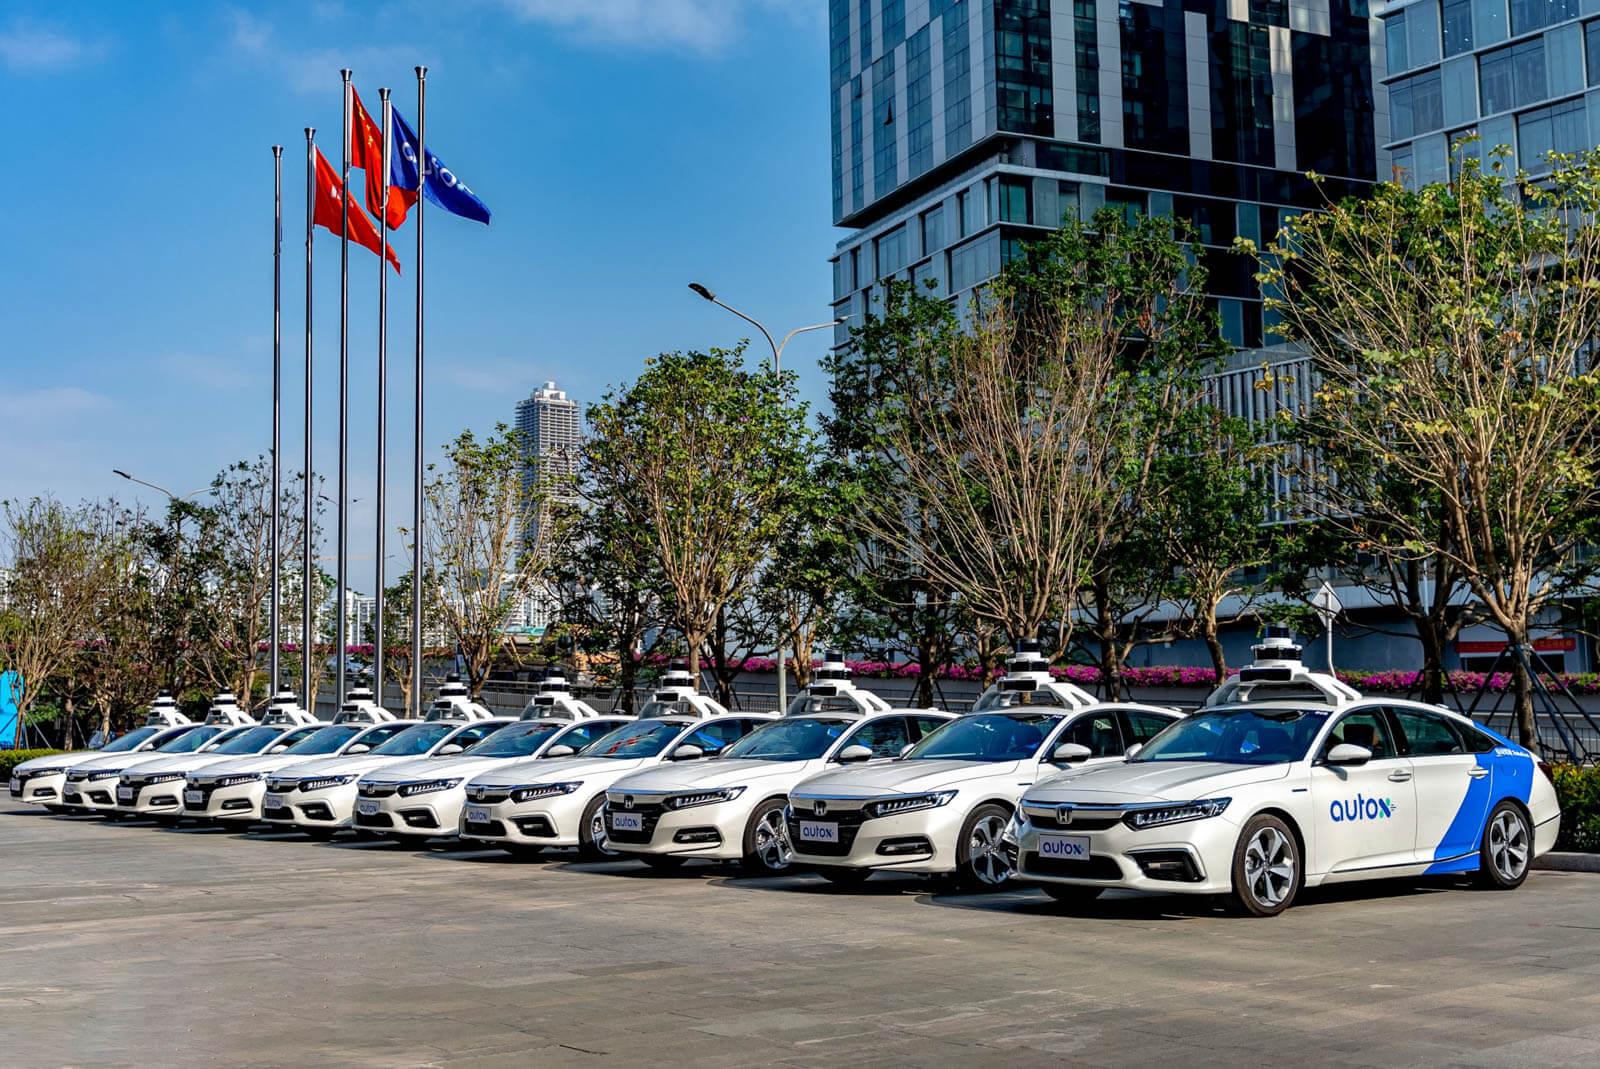 ホンダ、深センのAutoX社と提携して中国で自動運転ロードテストを開始